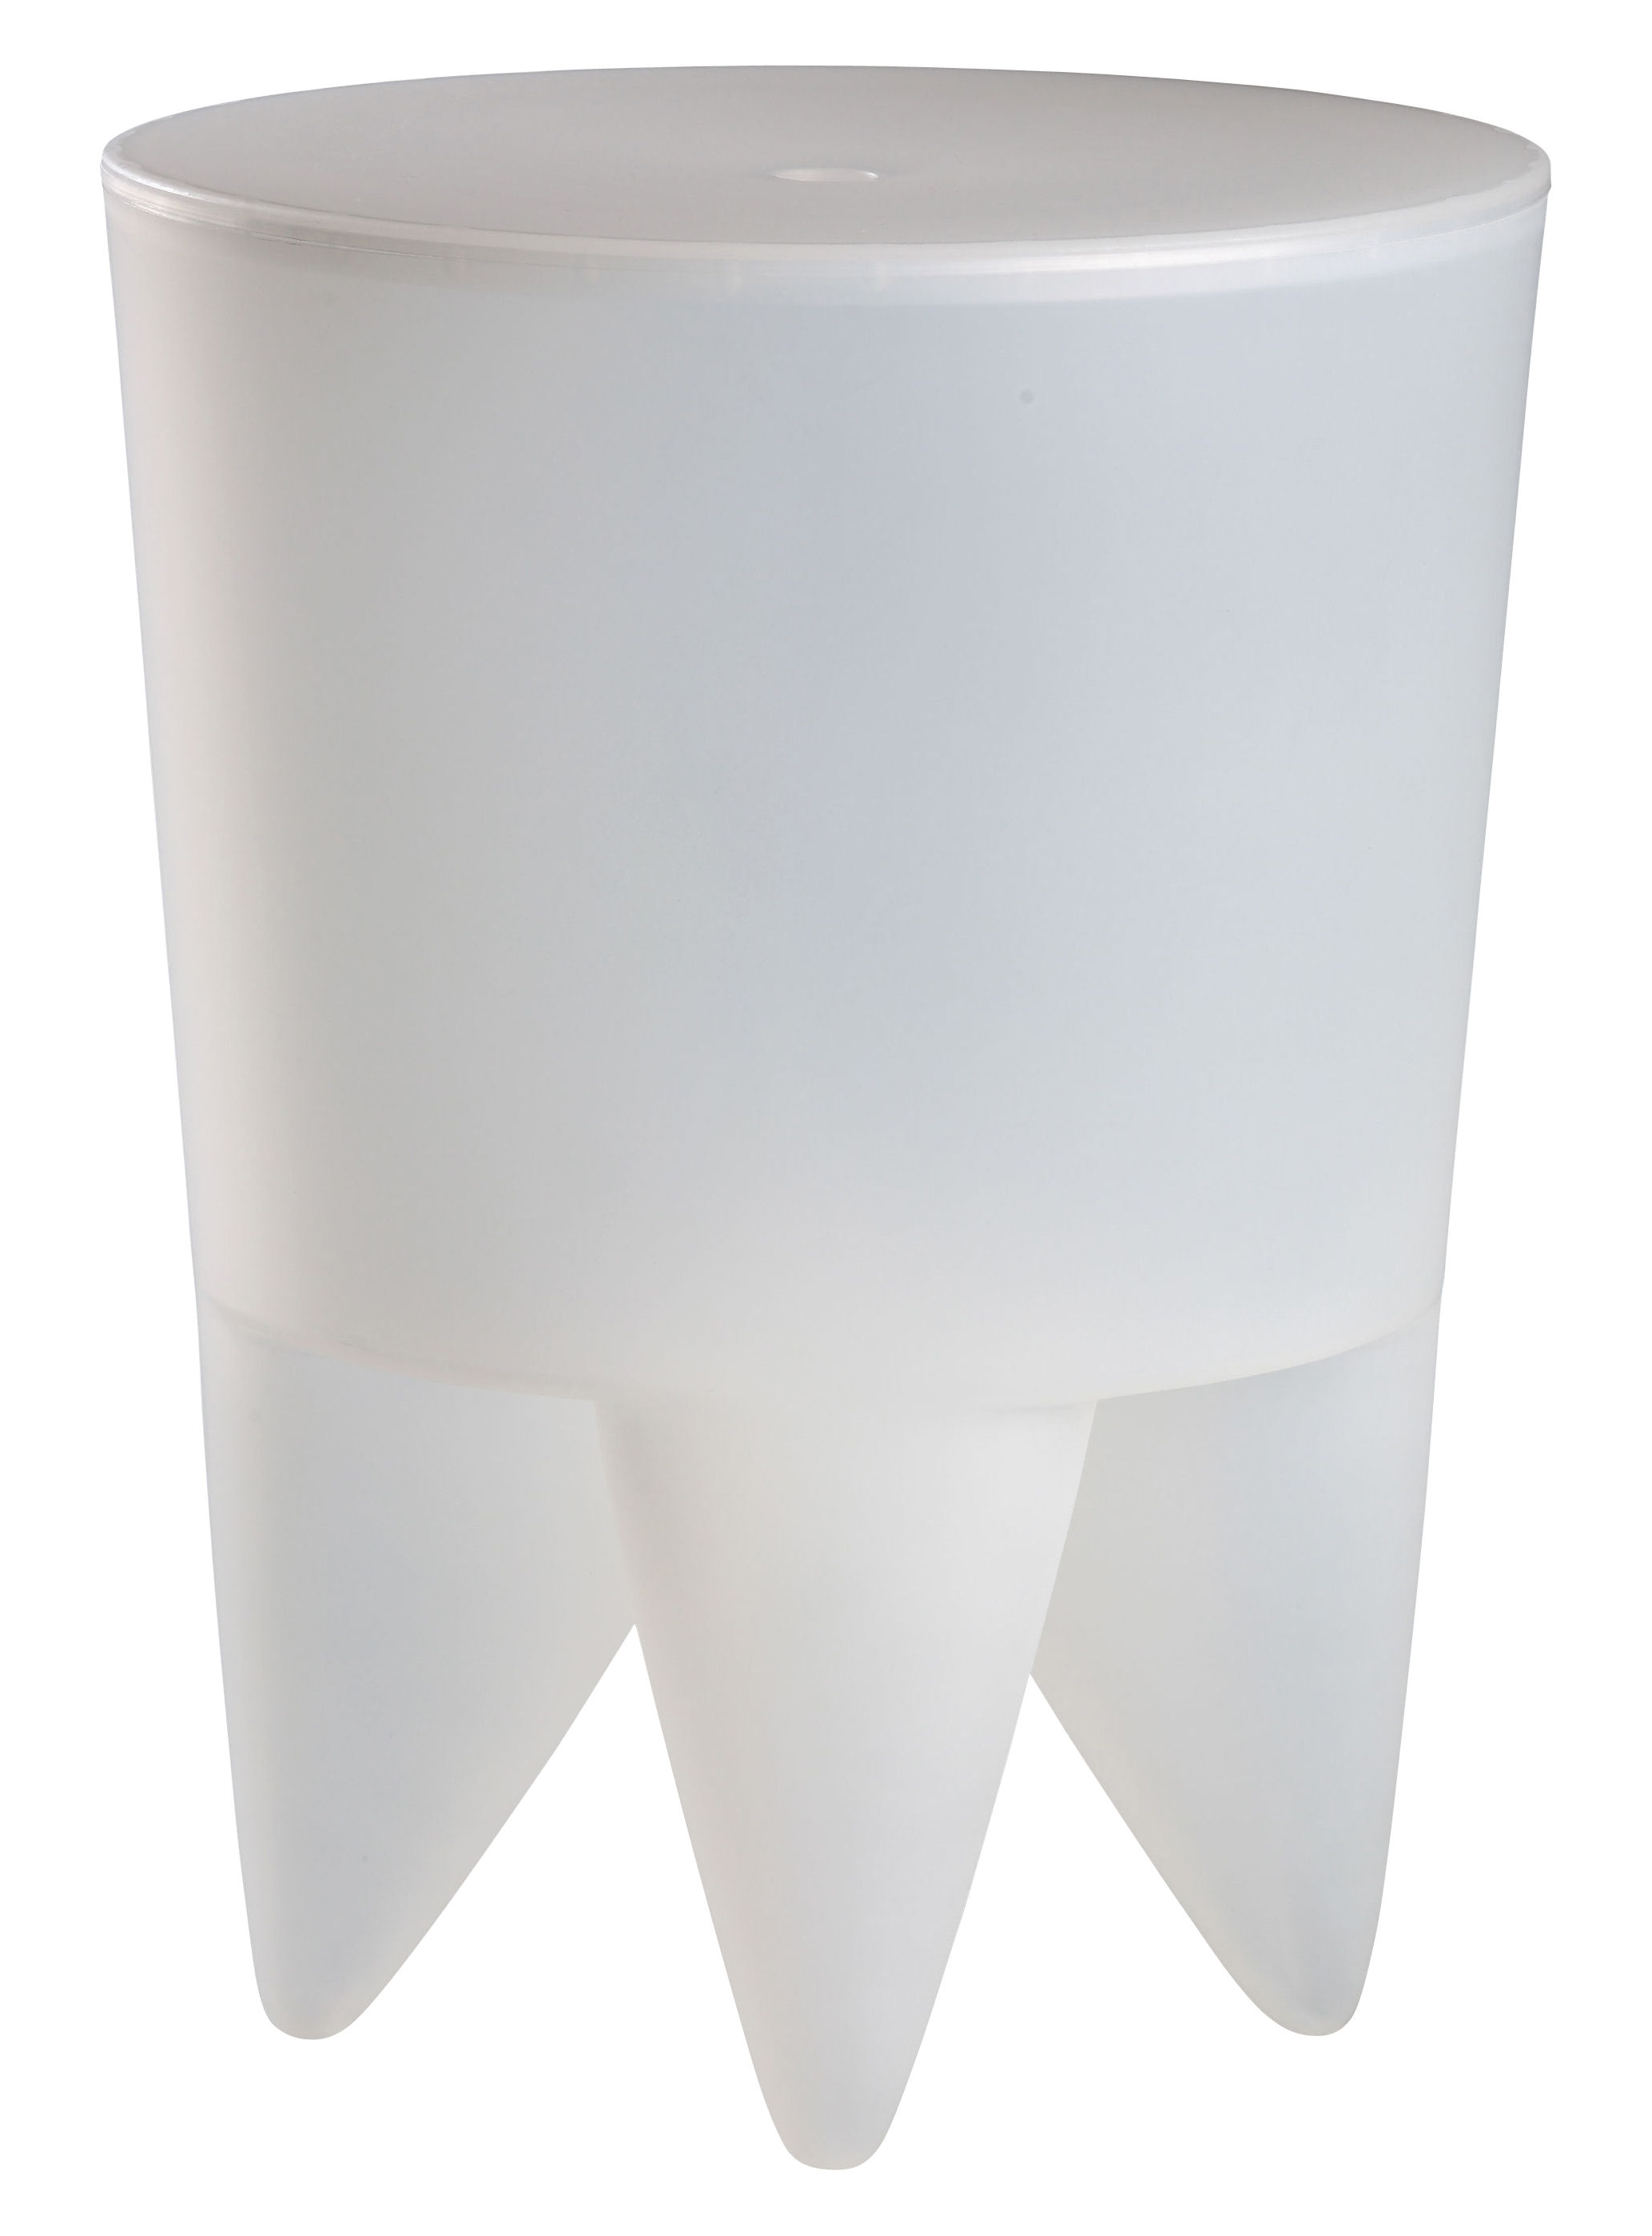 Möbel - Möbel für Teens - New Bubu 1er Hocker Durchsichtig - XO - Weiß durchsichtig - Polypropylen